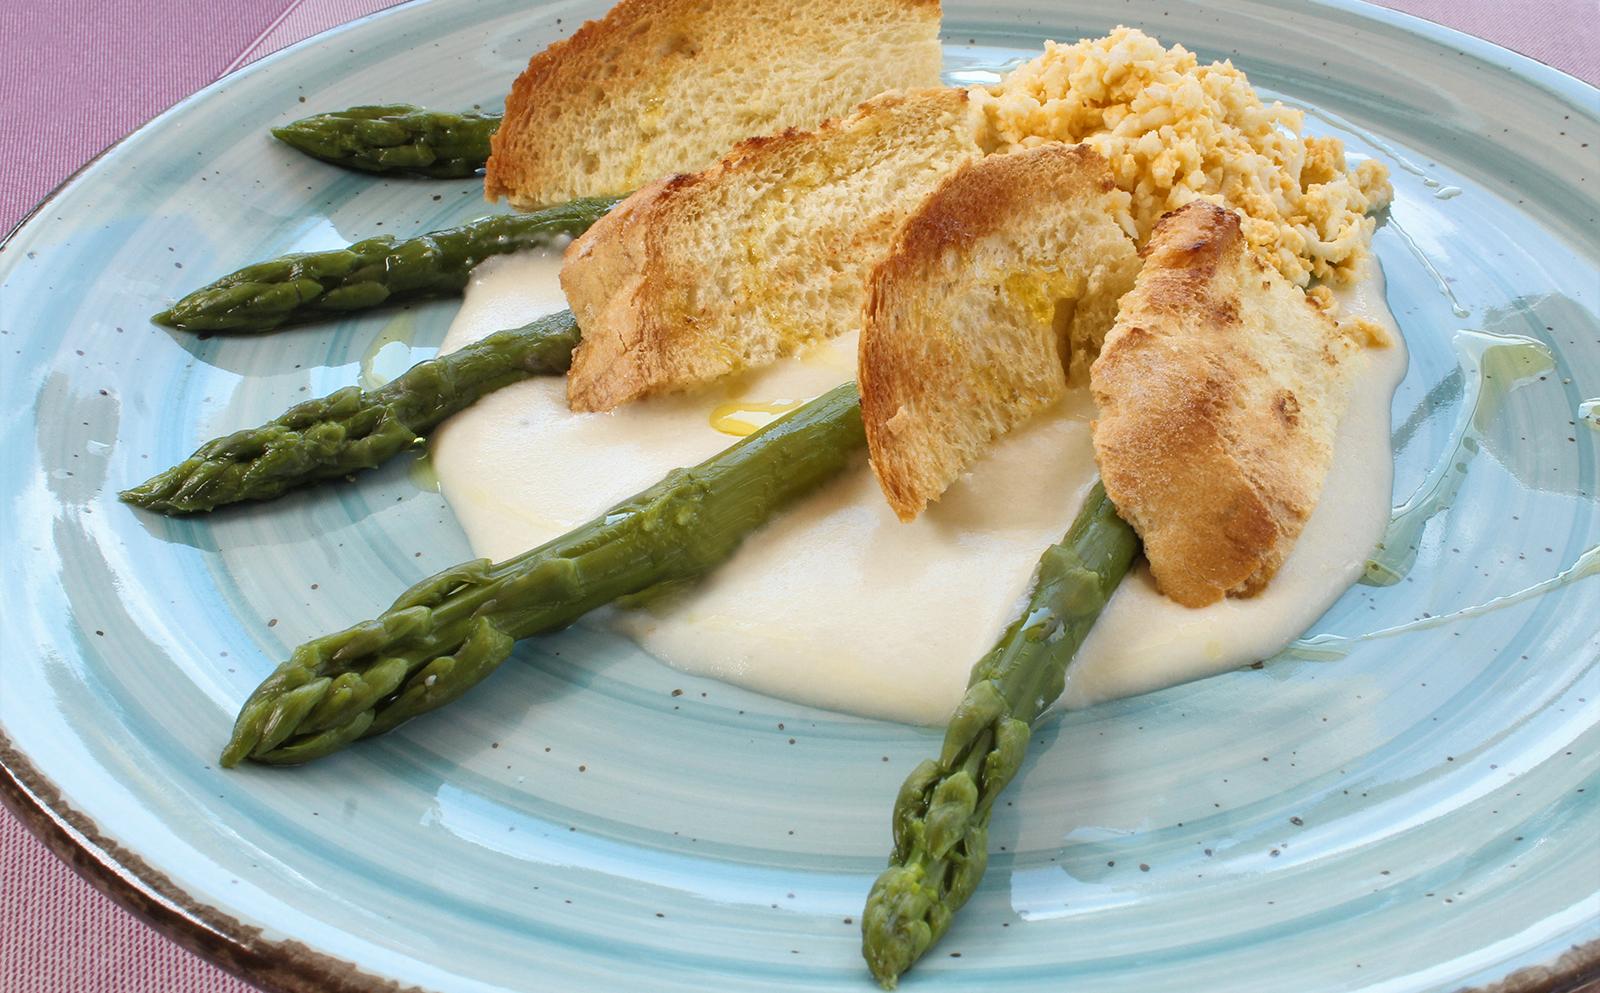 5-cheese-eggs-asparagus-Cavallino-tradition